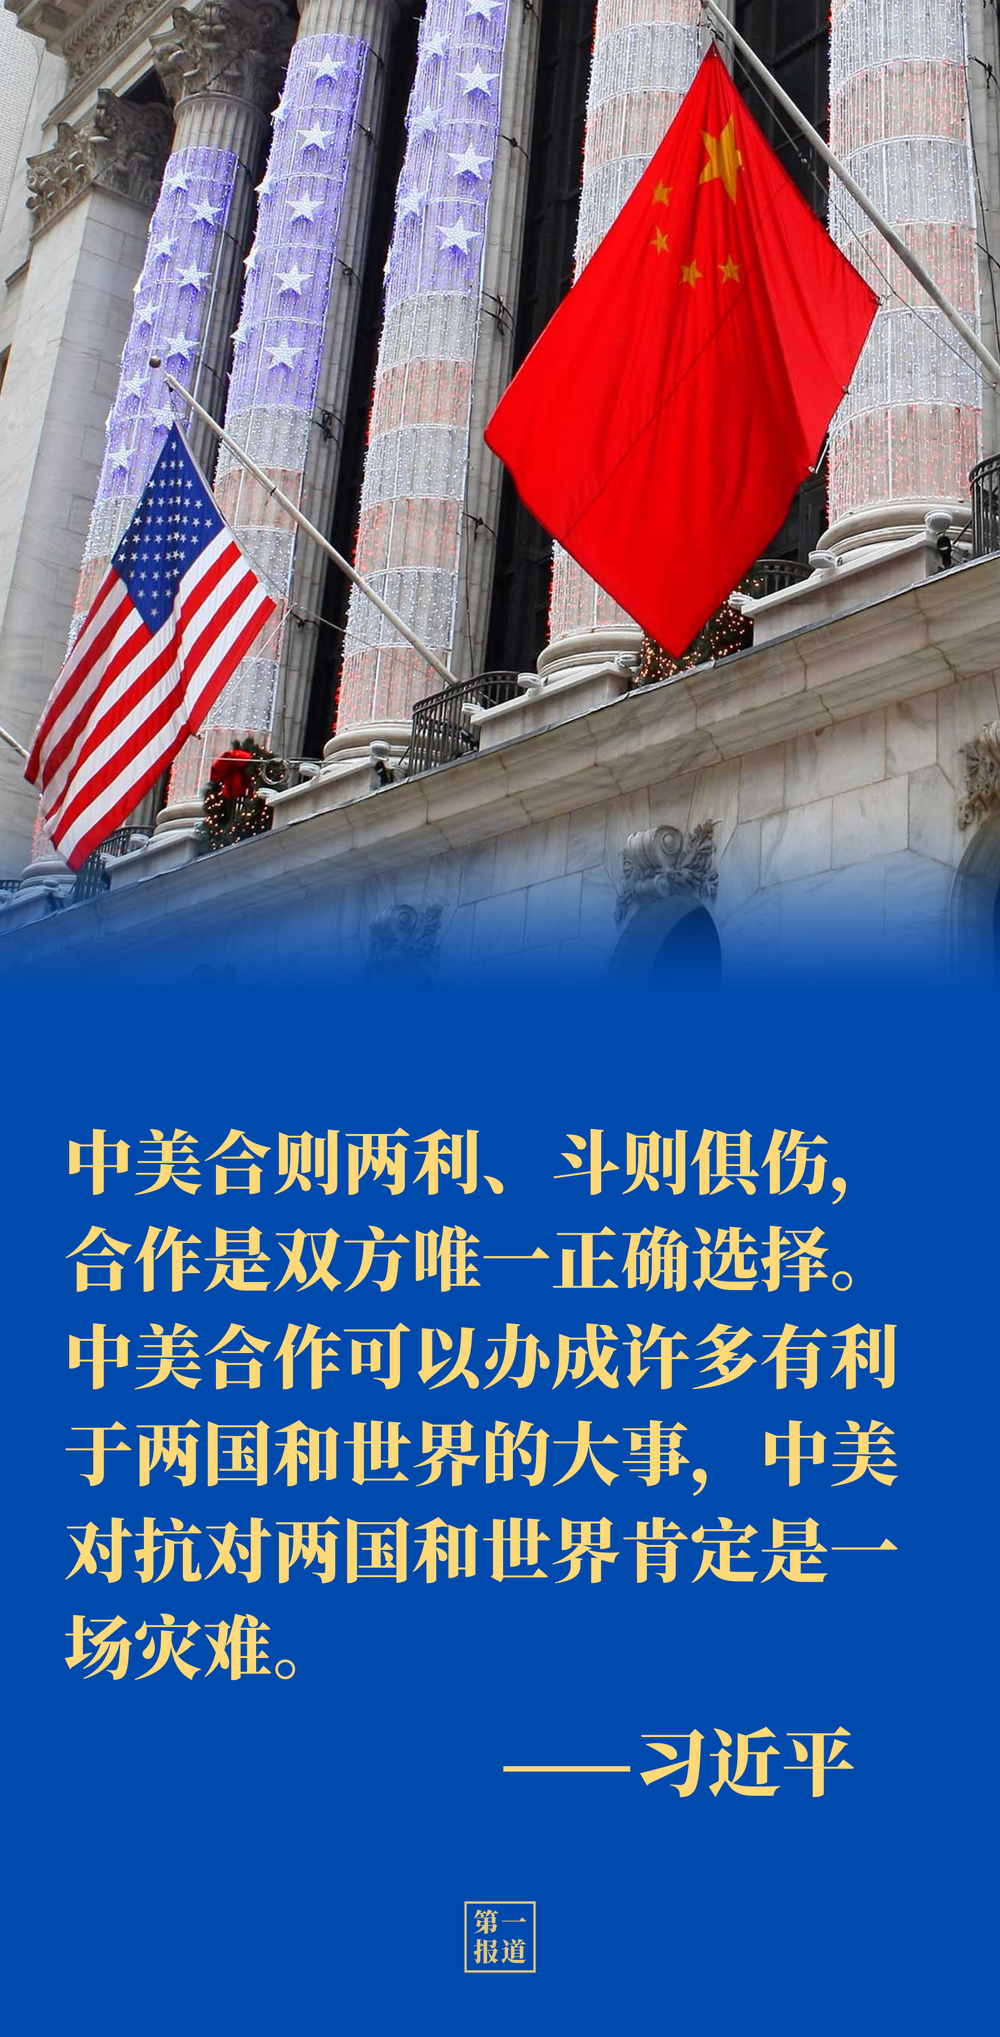 中美元首通话,世界接收到这些积极信号